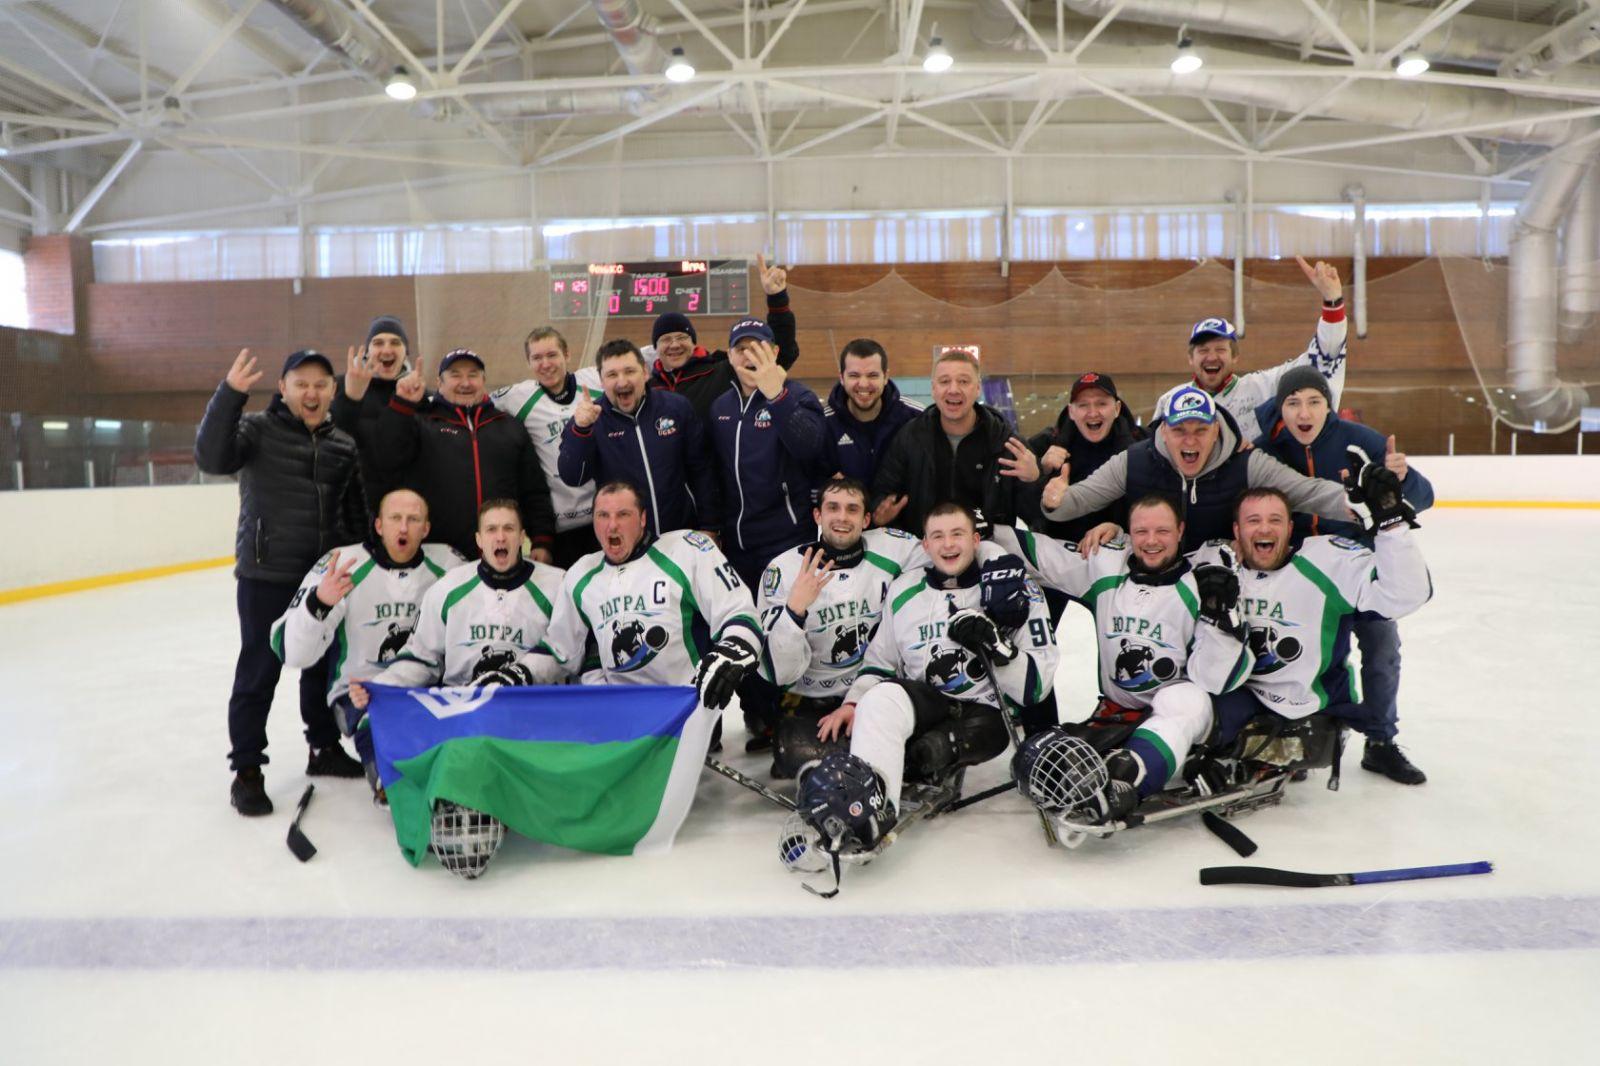 Следж-хоккейный клуб «Югра» стал победителем чемпионата России в спортивном сезоне 2018/2019 года